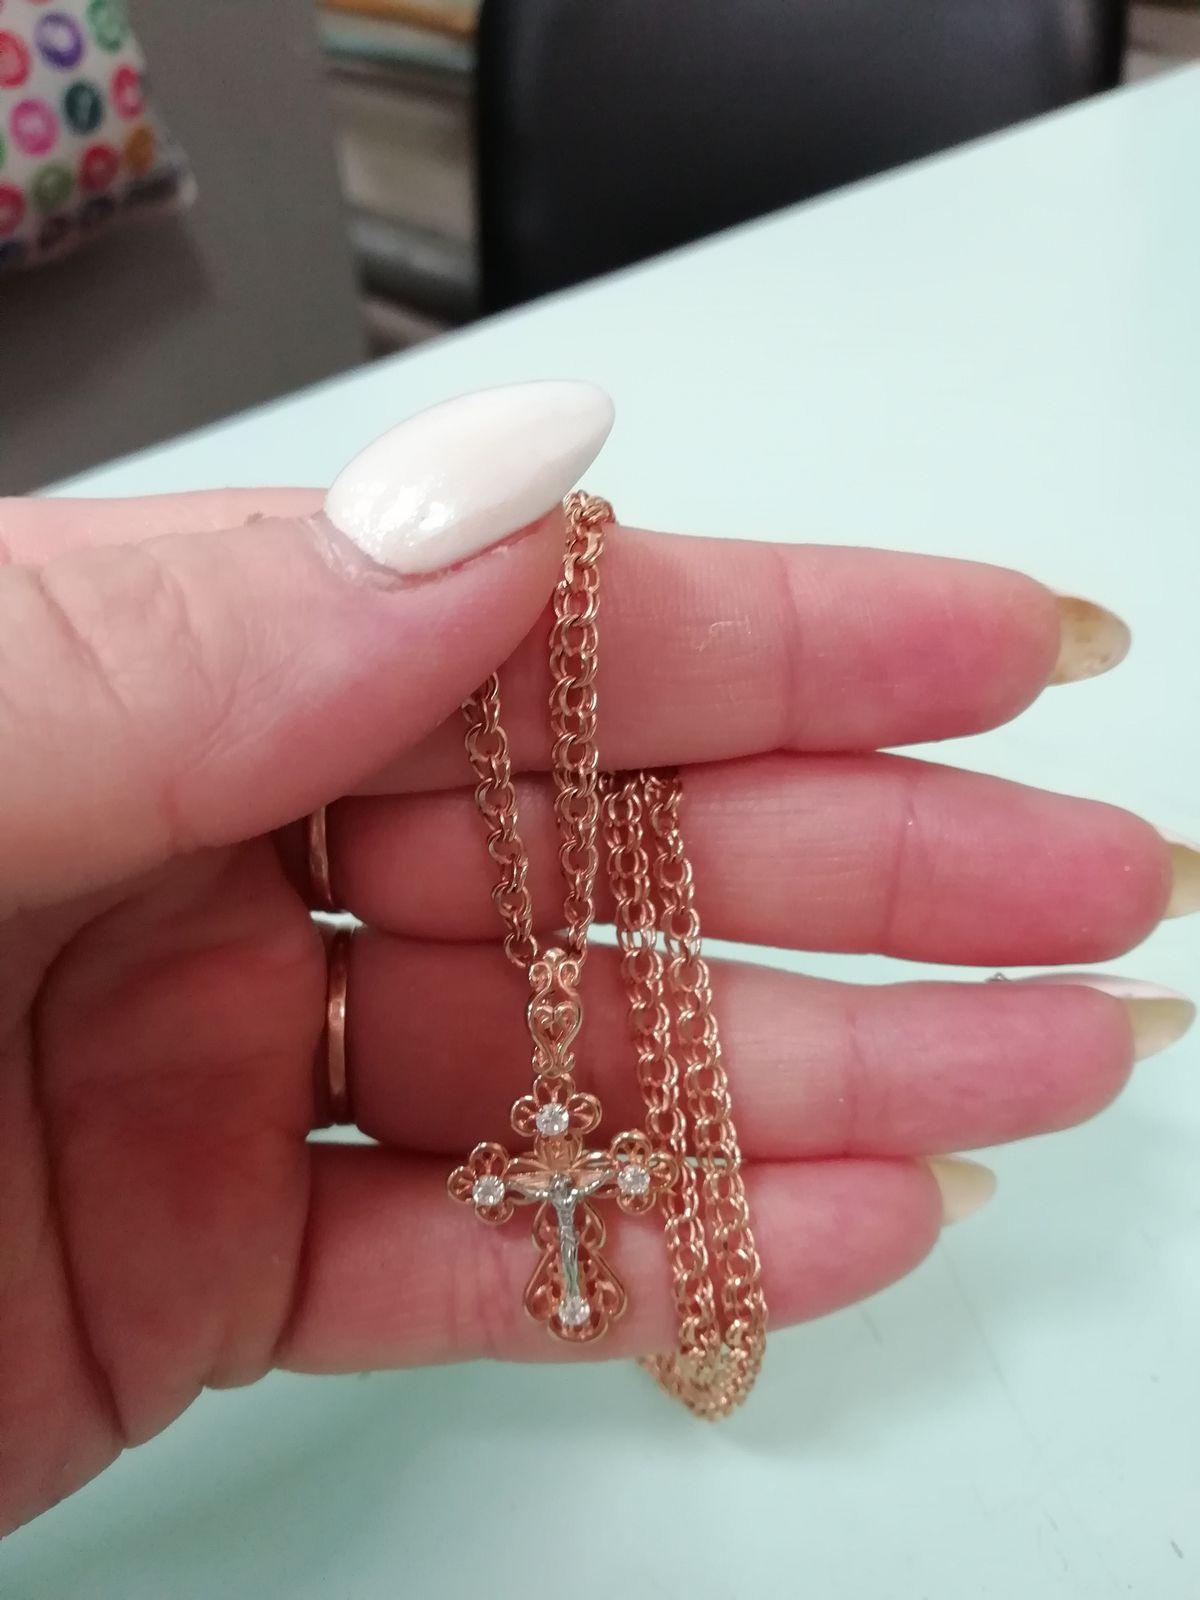 Классный крестик, красивый!!)))